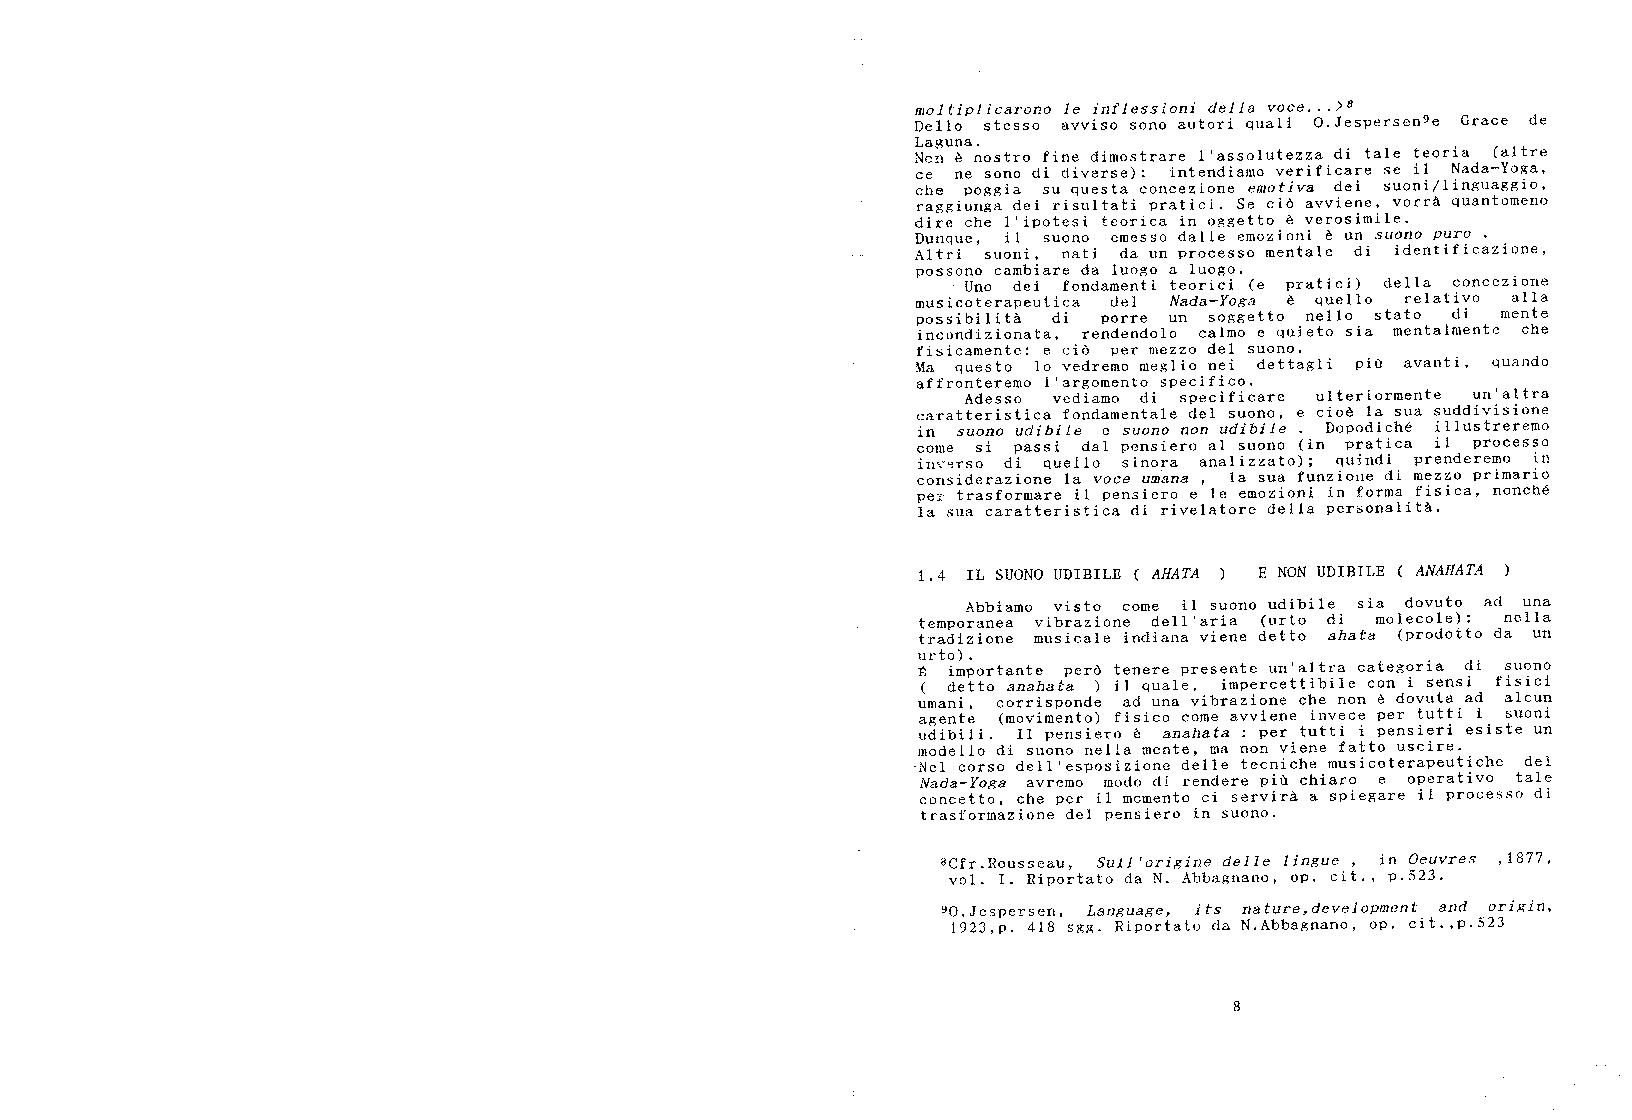 Anteprima della tesi: Le tecniche del nada-yoga nella pratica musicoterapeutica, Pagina 8